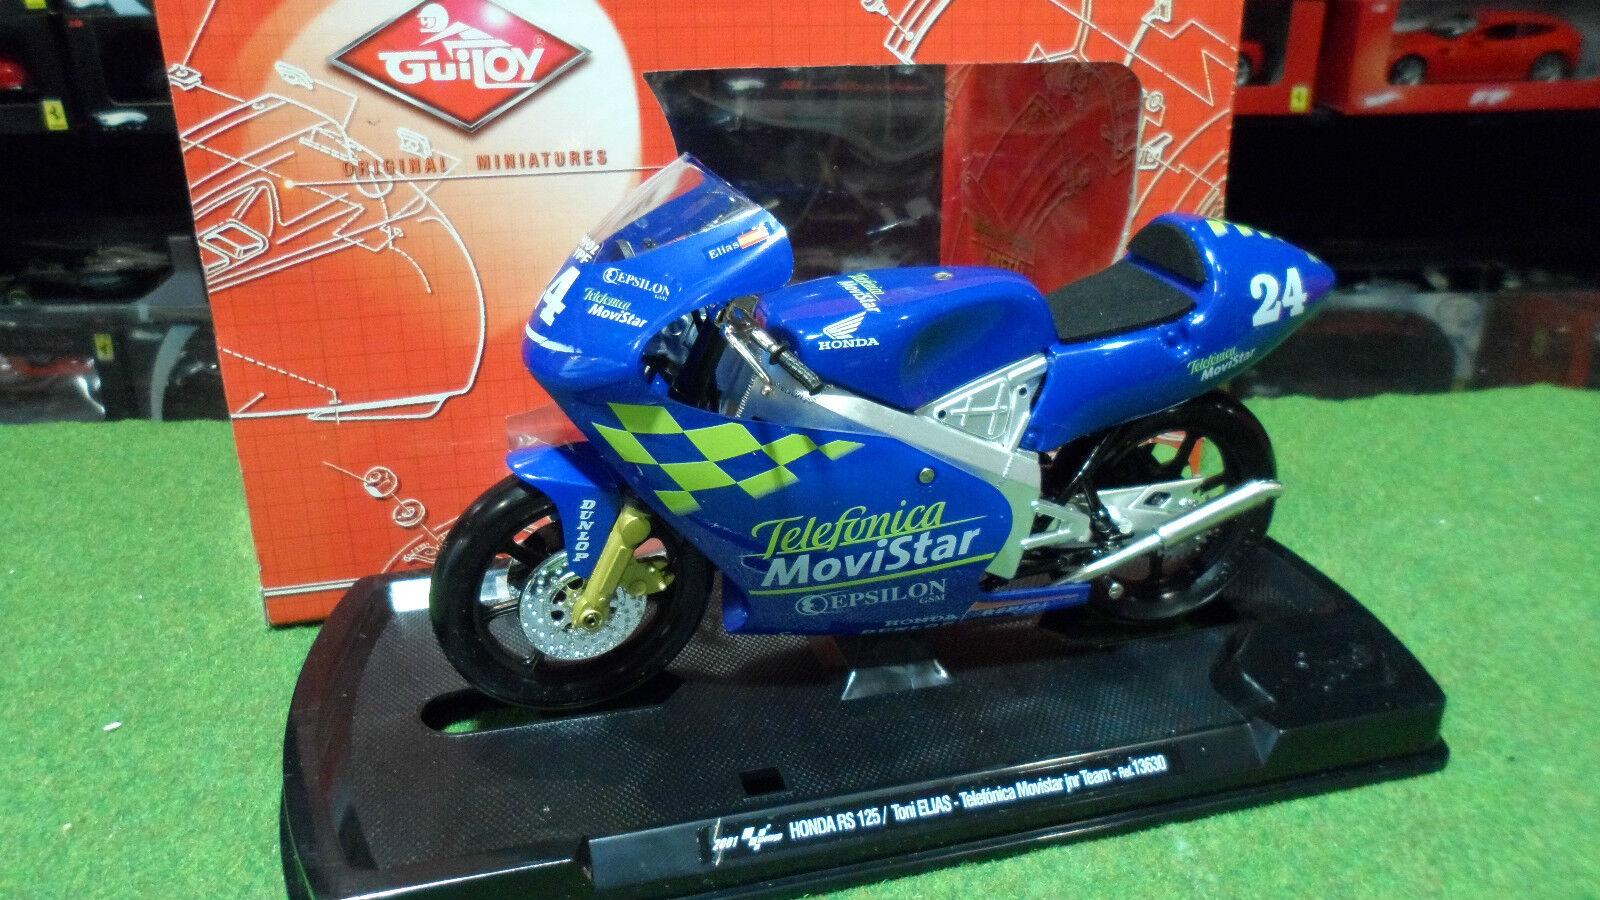 MOTO HONDA RS RS RS 125 Elias Telefonica Movistar blue 1 10 GUILOY 13630 miniature 853b16